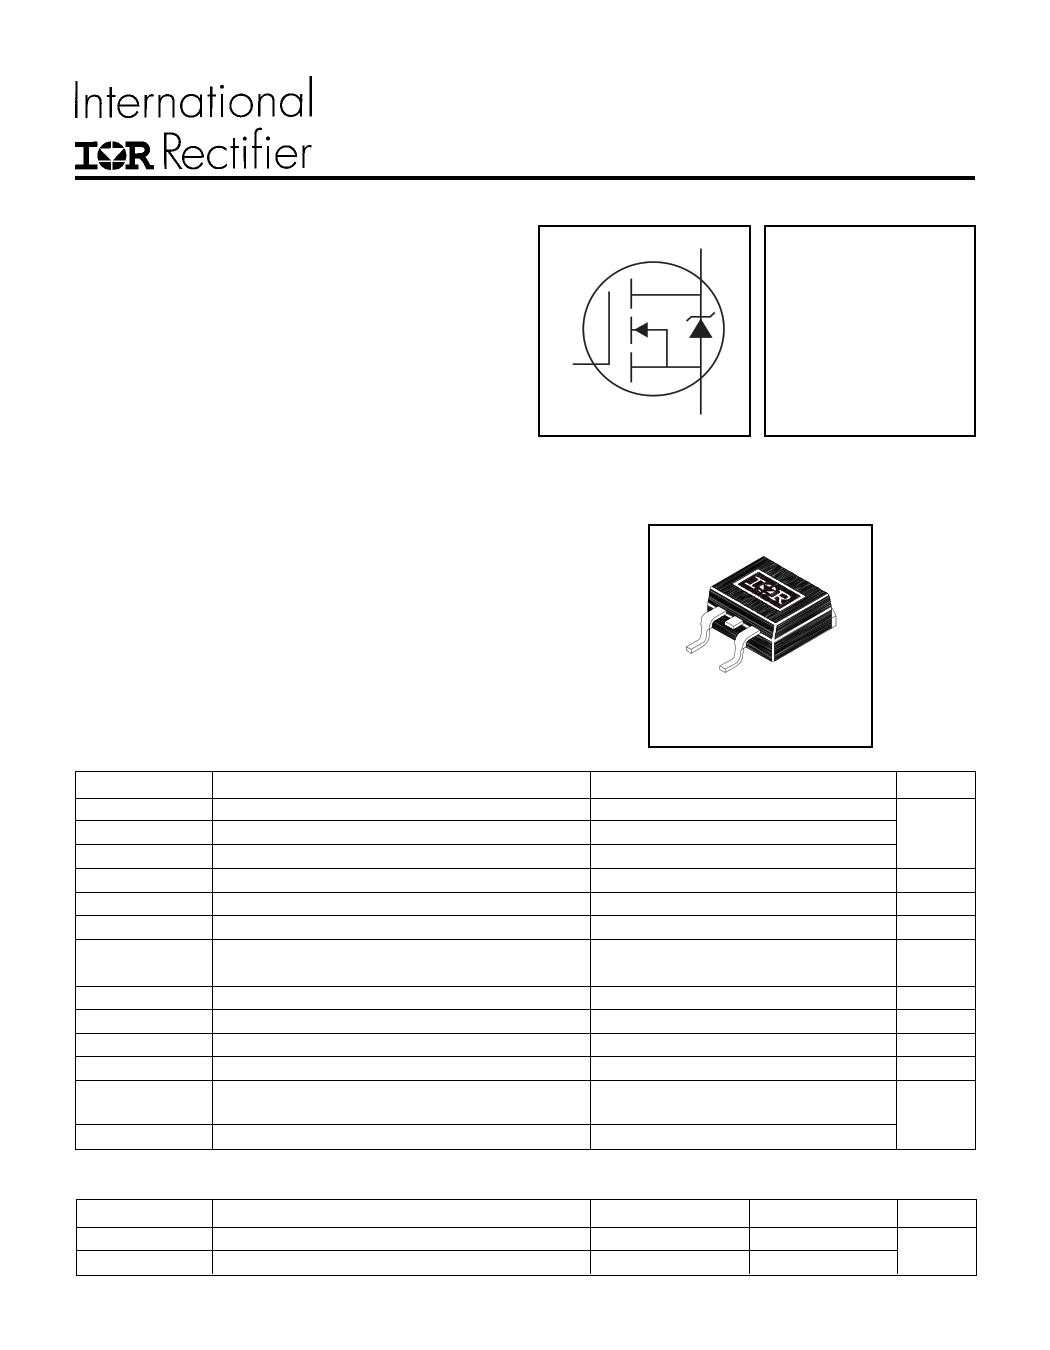 IRL3502S Datasheet, IRL3502S PDF,ピン配置, 機能